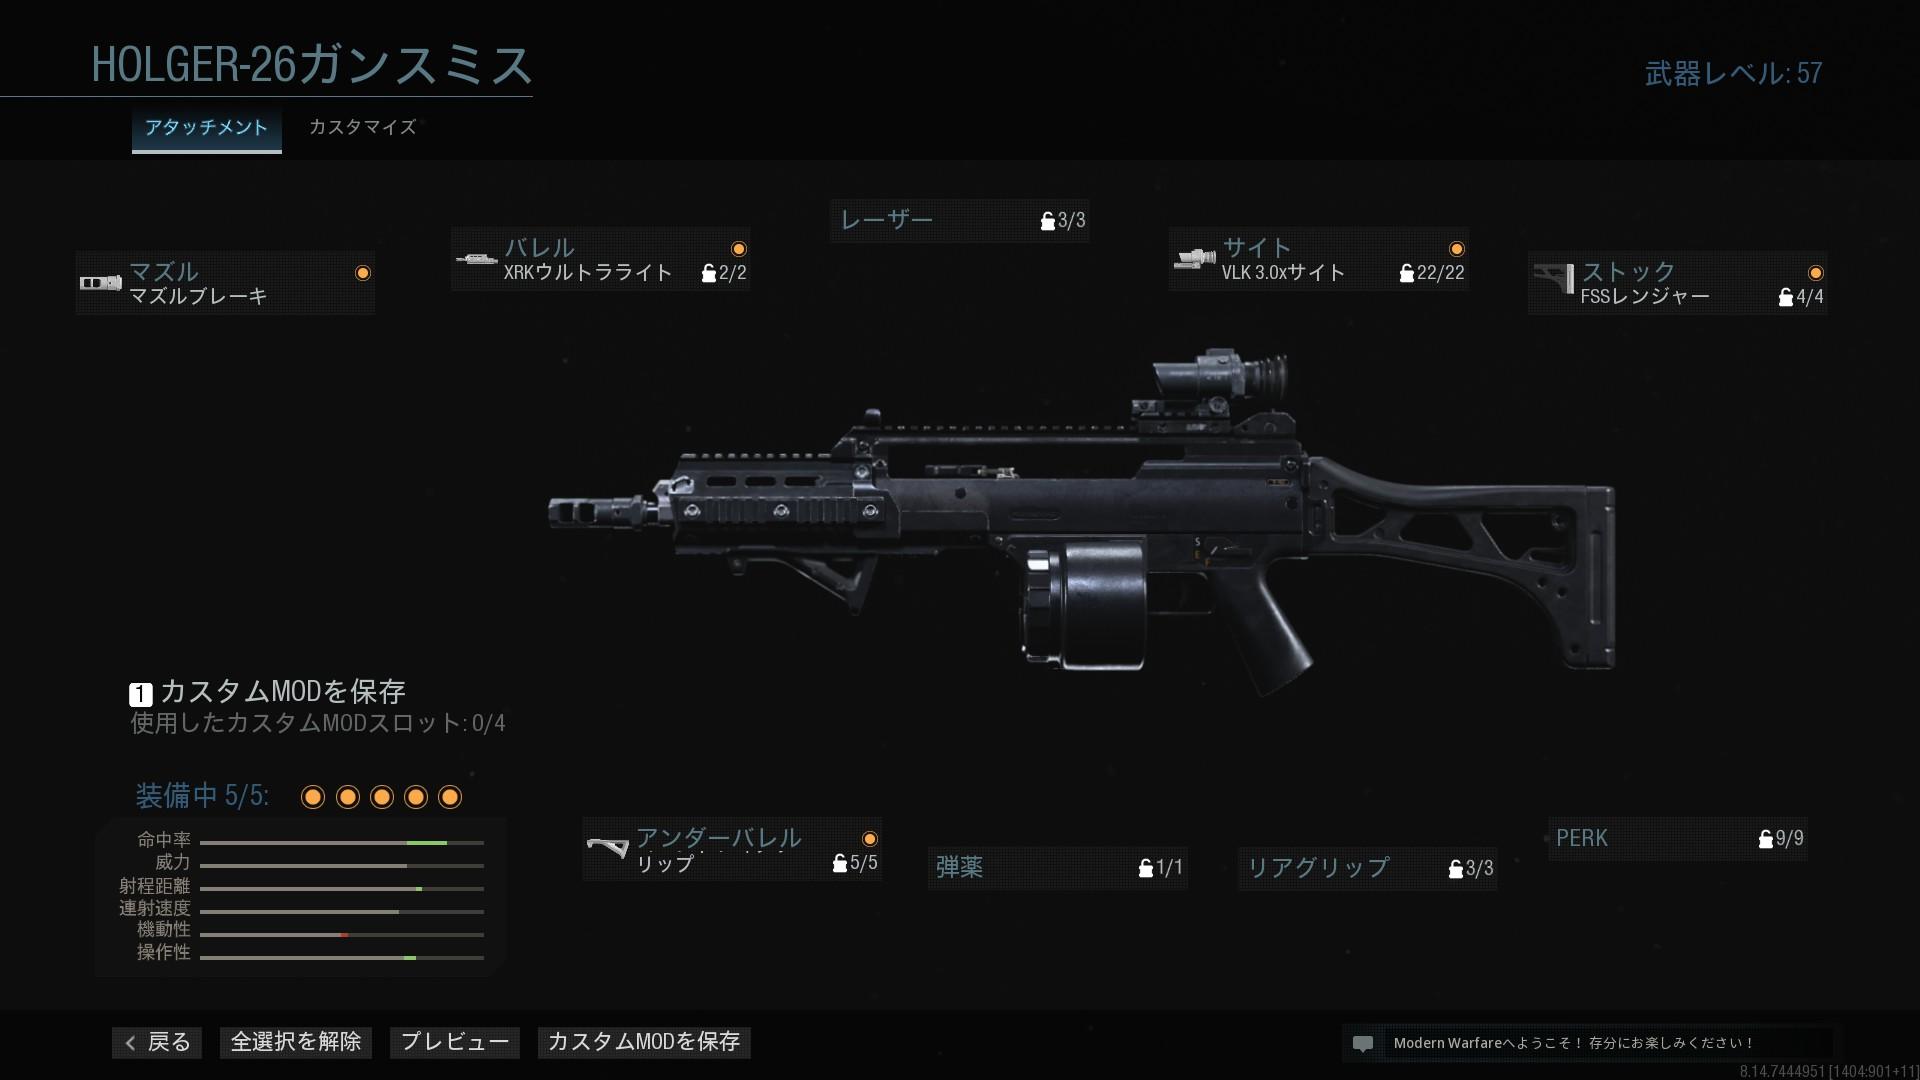 MG36L.jpg